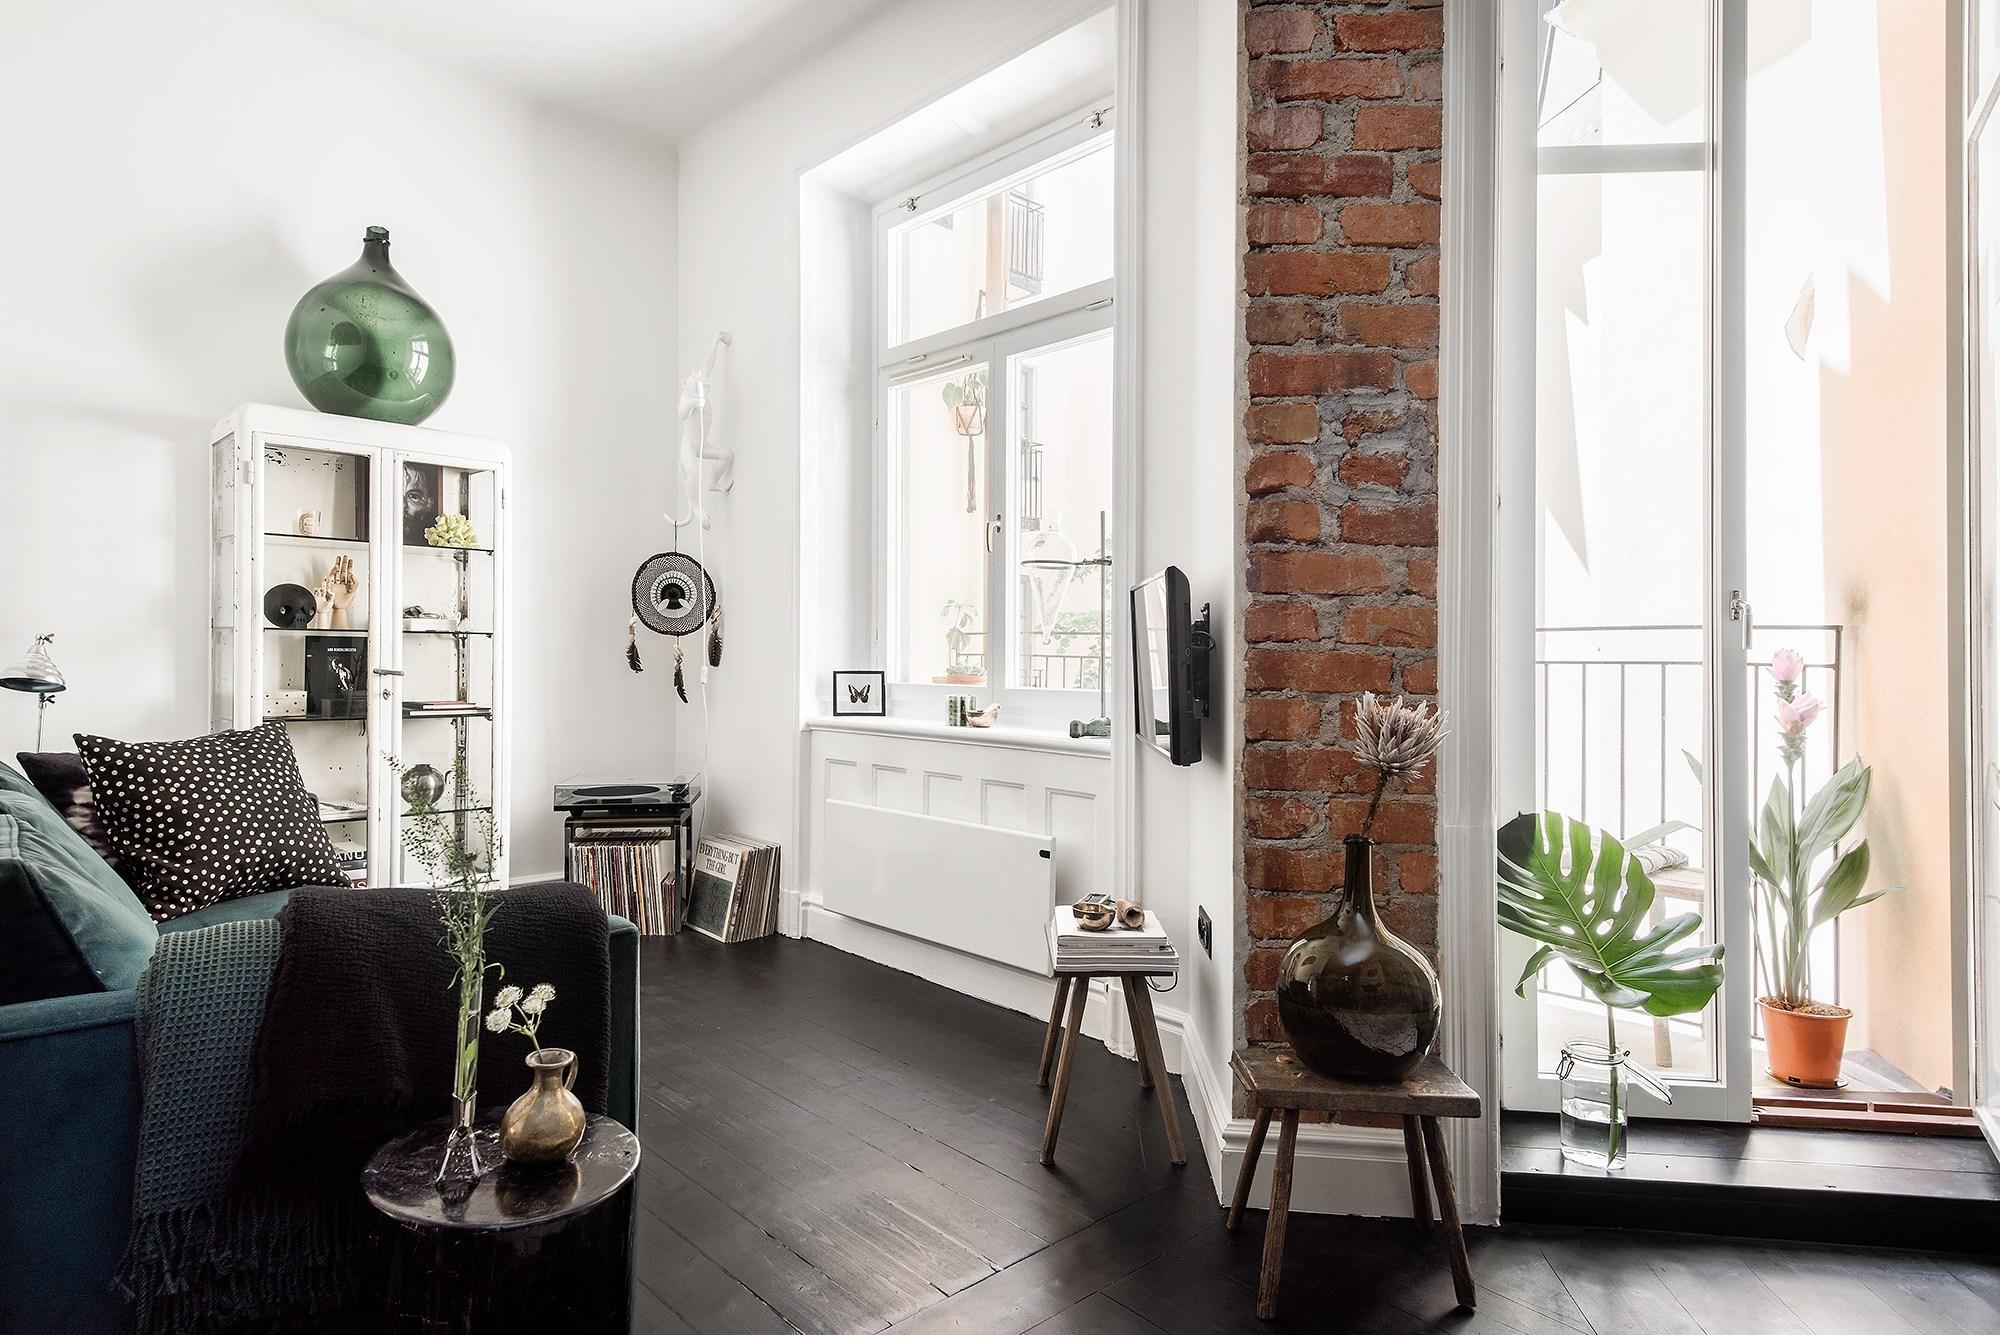 Tận dụng đồ cũ, căn hộ 42m² vẫn đẹp cá tính từng góc nhỏ - Ảnh 7.